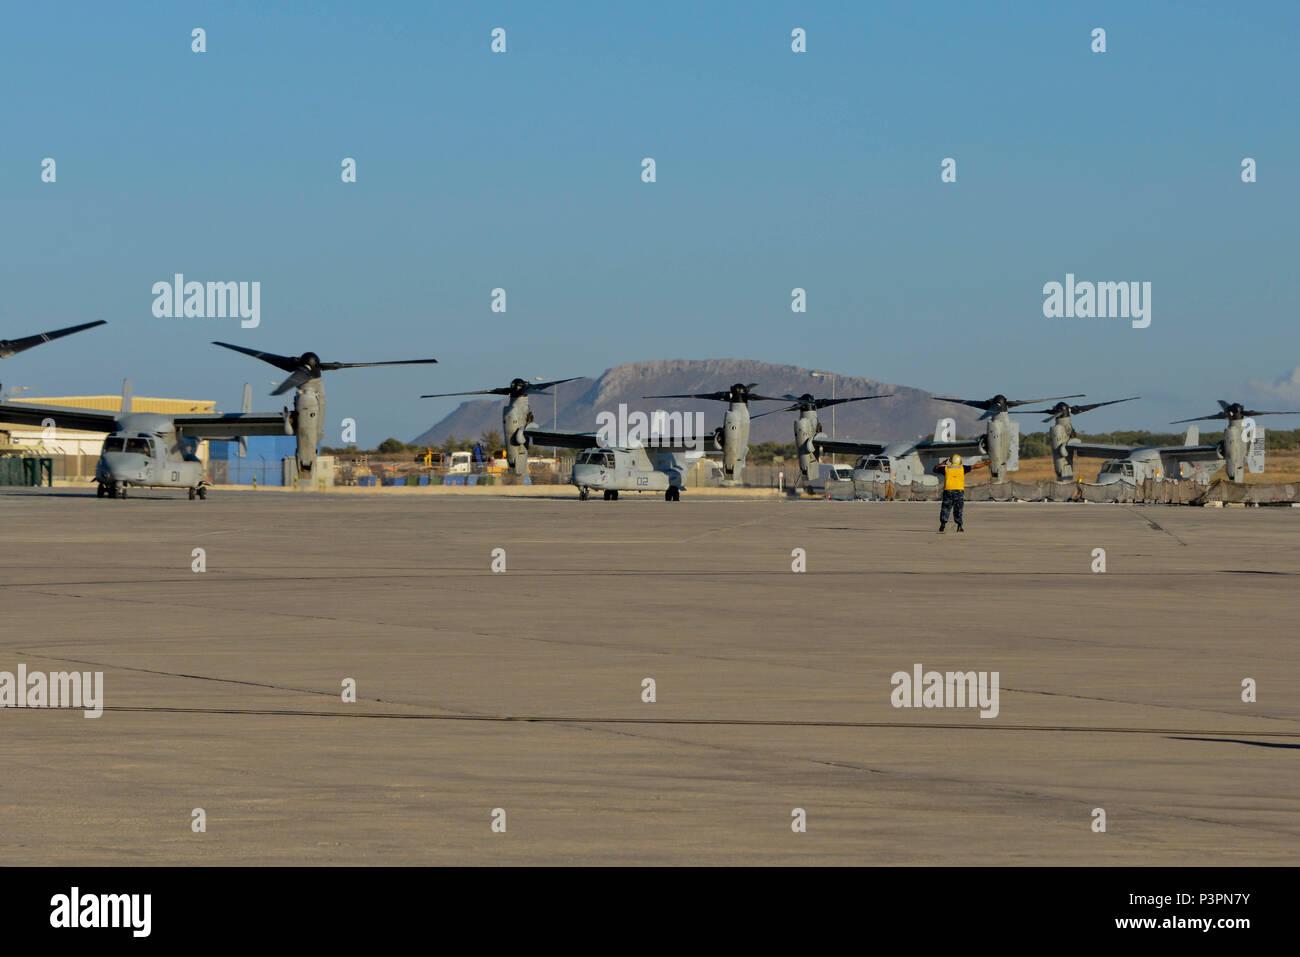 160711-N-IL474-087 La baie de Souda, la Grèce (11 juillet 2016) l'aviation en chef Maître de Manœuvre (manutention) Anthony L. Fripp, affecté à l'activité de soutien naval américain Souda Bay Département des opérations d'Air Division de ligne directe, transitoire MV-22 Osprey suivant leur arrivée. La baie de Souda NSA permet à l'avant et la réactivité des opérations les forces à l'appui de la région de la Marine, de l'Europe, d'Afrique et d'Asie du Sud-Ouest a pour mission de fournir des services à la flotte, chasseurs, et de la famille. (U.S. Photo par Marcel Gauchet marine Heather/libérés) Photo Stock